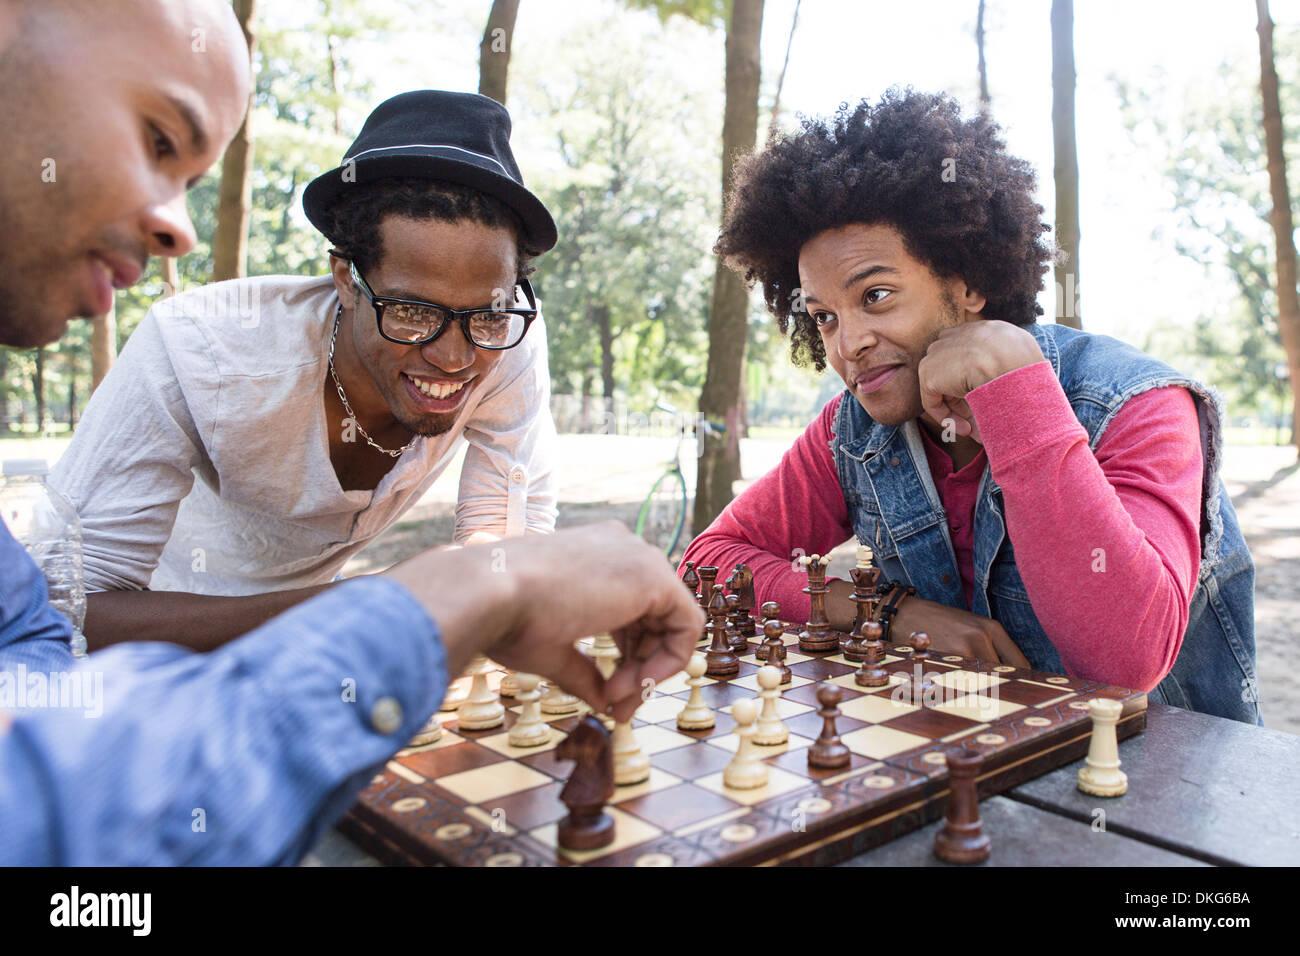 Trois jeunes hommes jouant aux échecs dans le parc Photo Stock